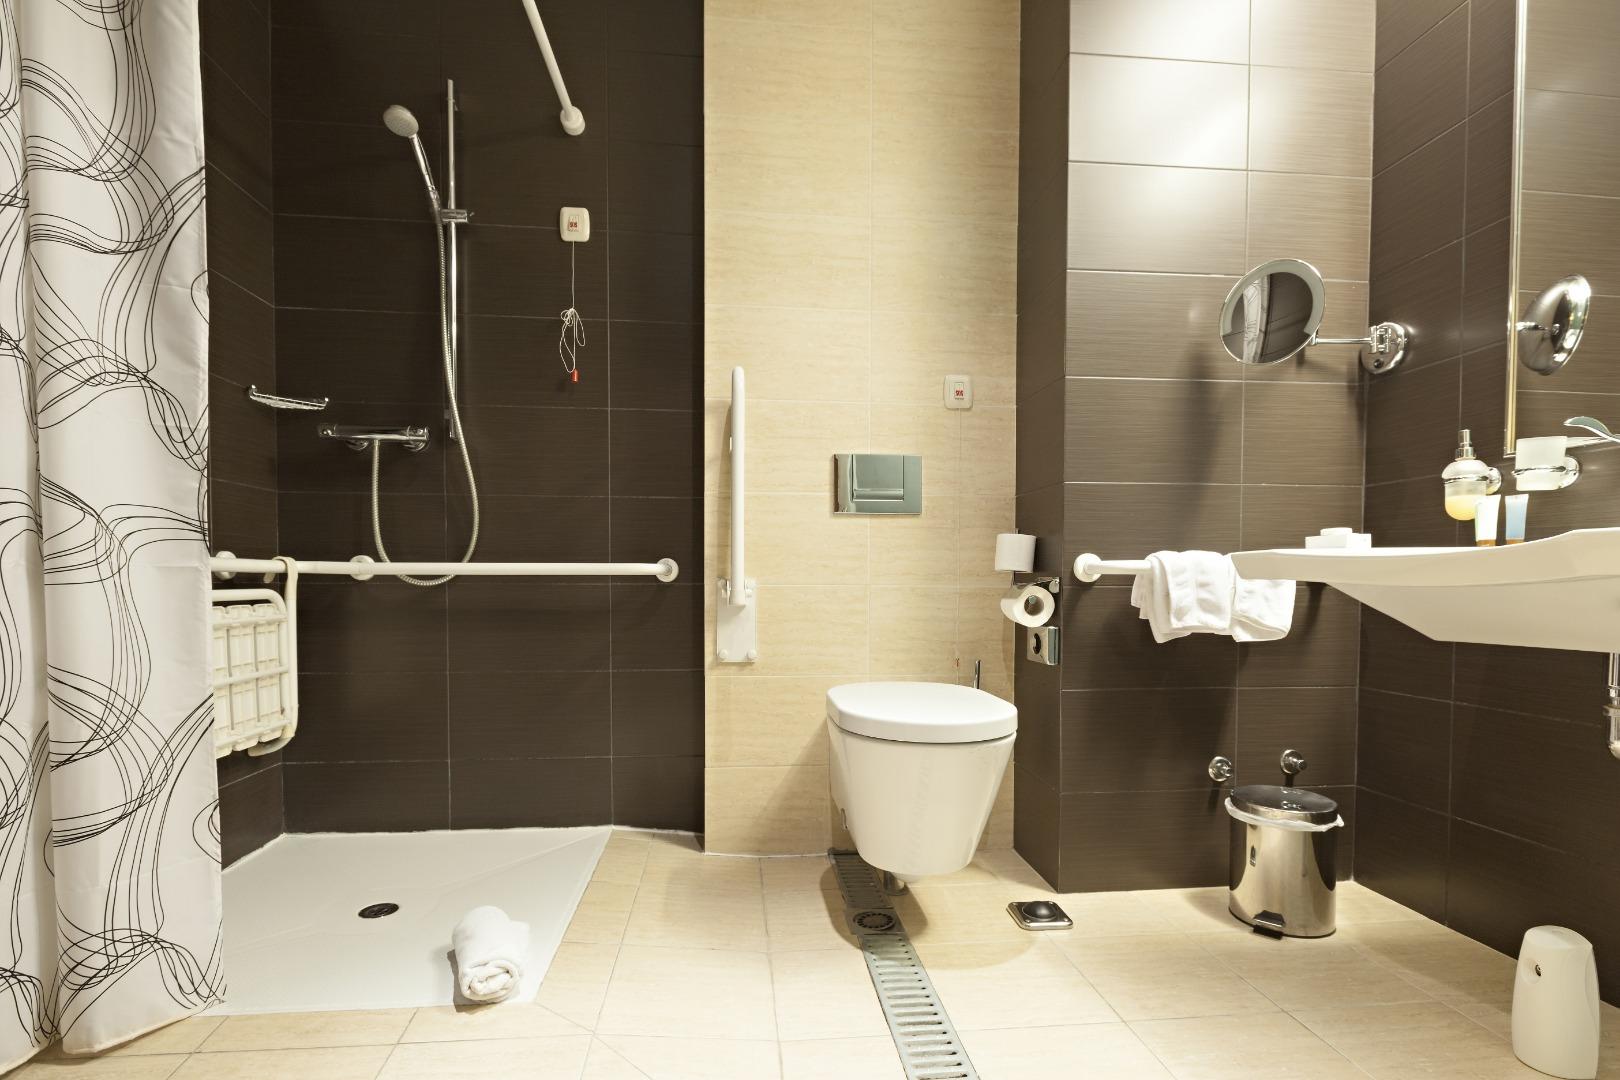 Salle De Bain Montpellier aménagement pmr de sdb | plombier pour salle de bain à